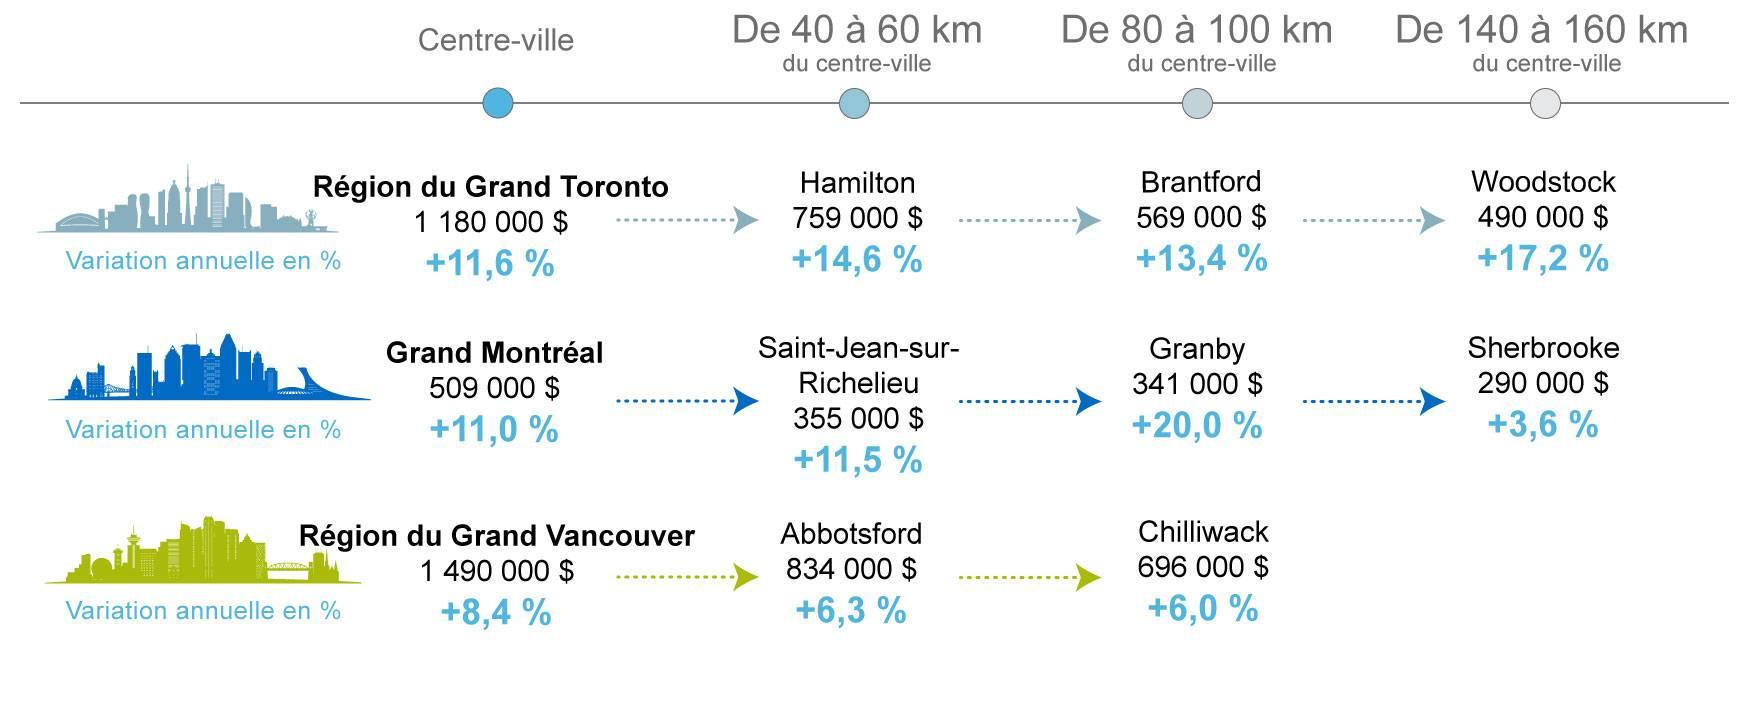 Adieu la grande ville et les coûts de logement élevés : ayant adopté le télétravail, les gens délaissent les centres urbains